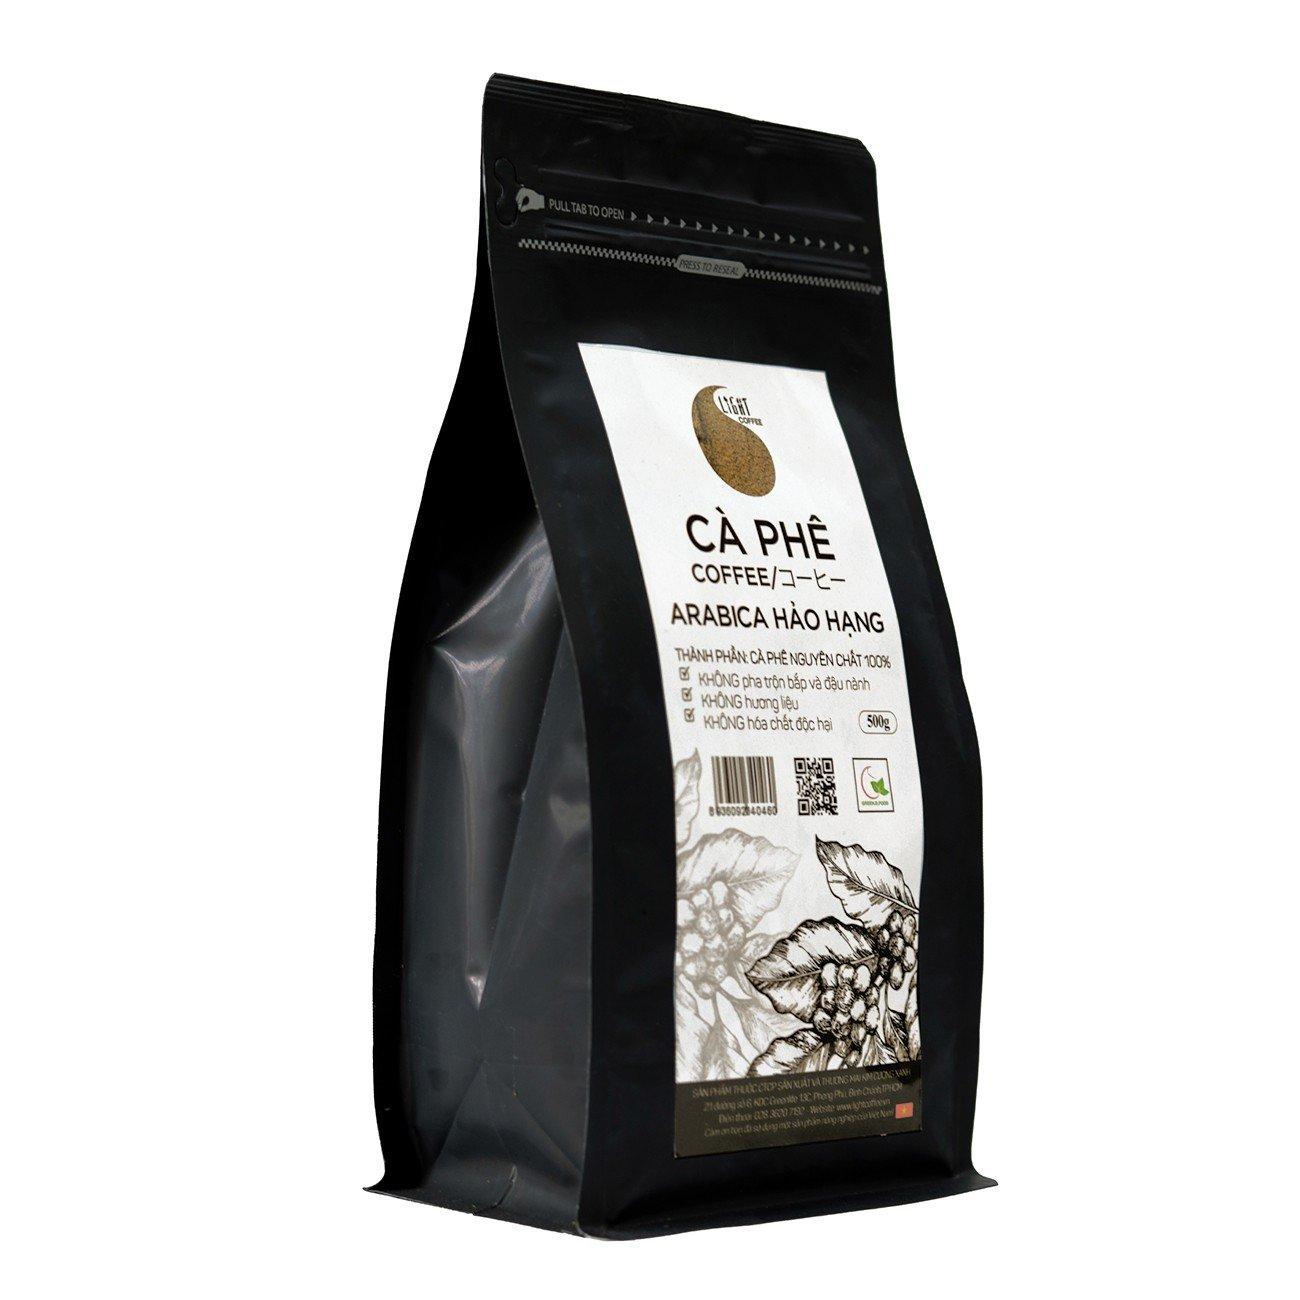 500g - Cà phê bột Arabica Hảo Hạng - Light coffee